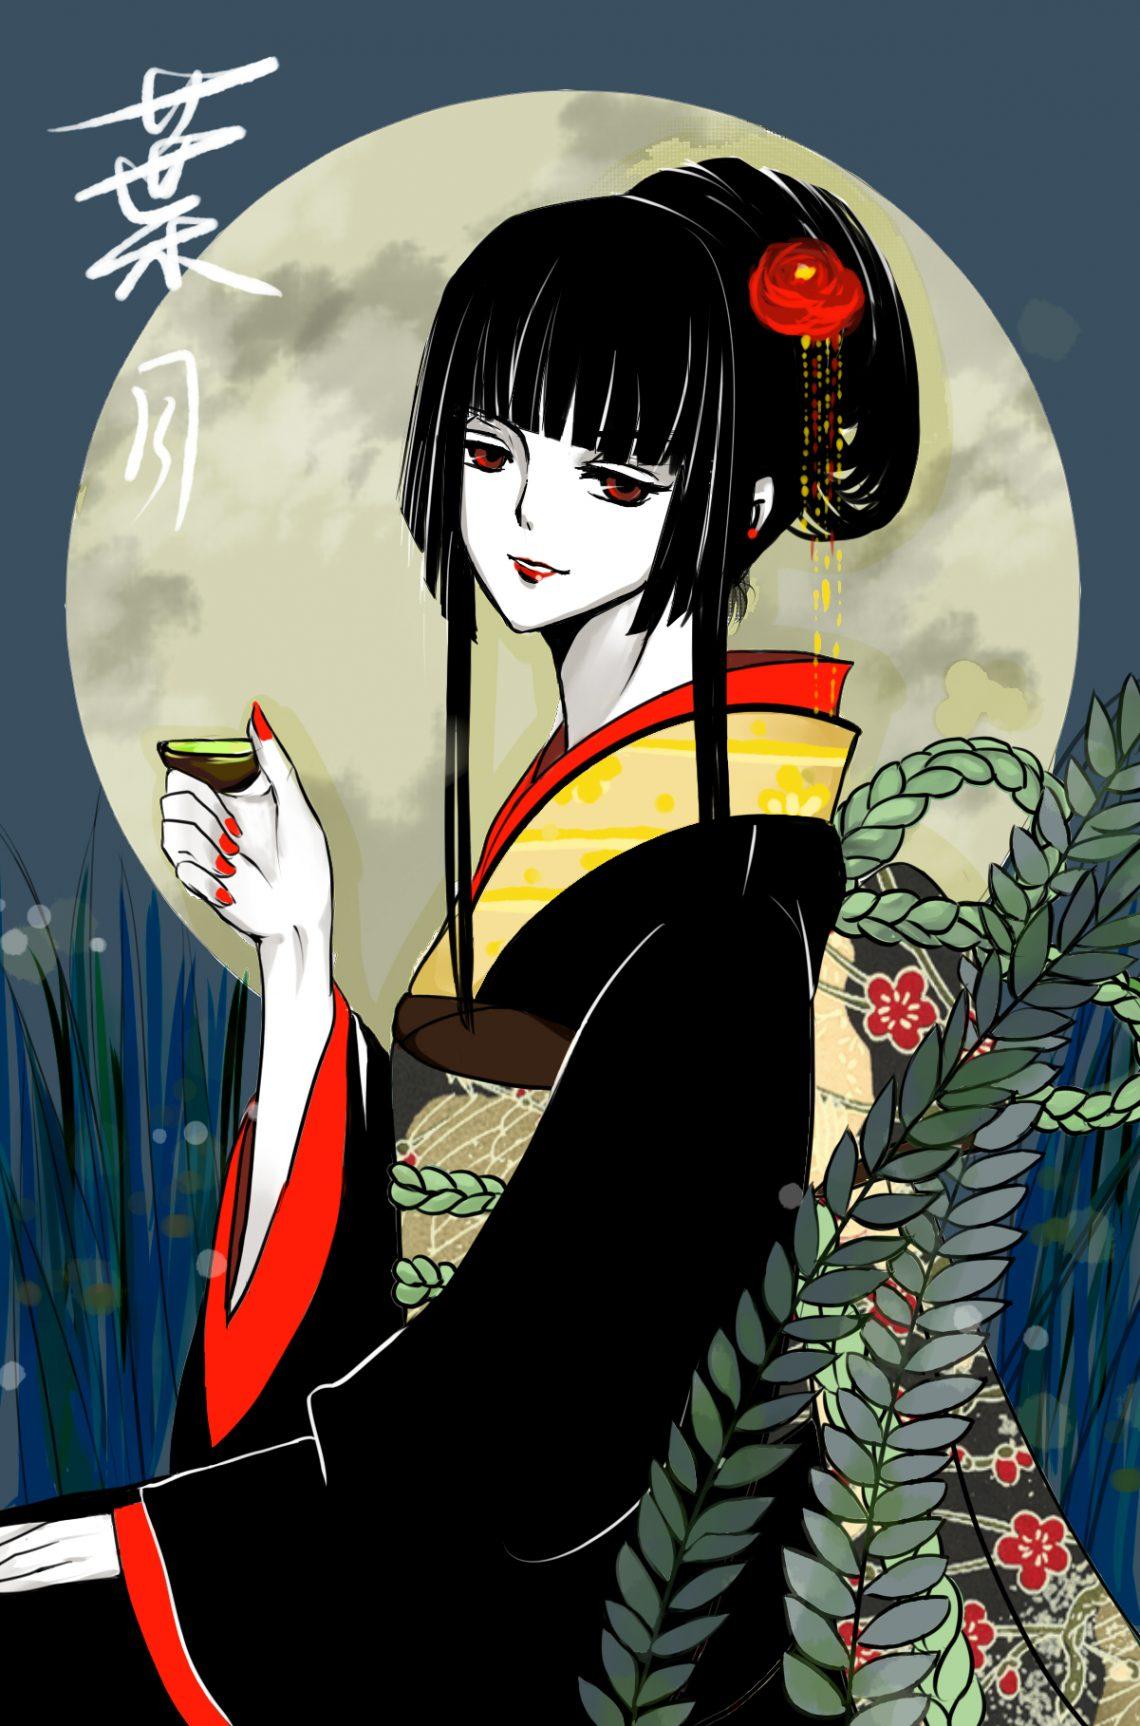 Anime girl tóc đen mắt đỏ Yuuko Ichihara